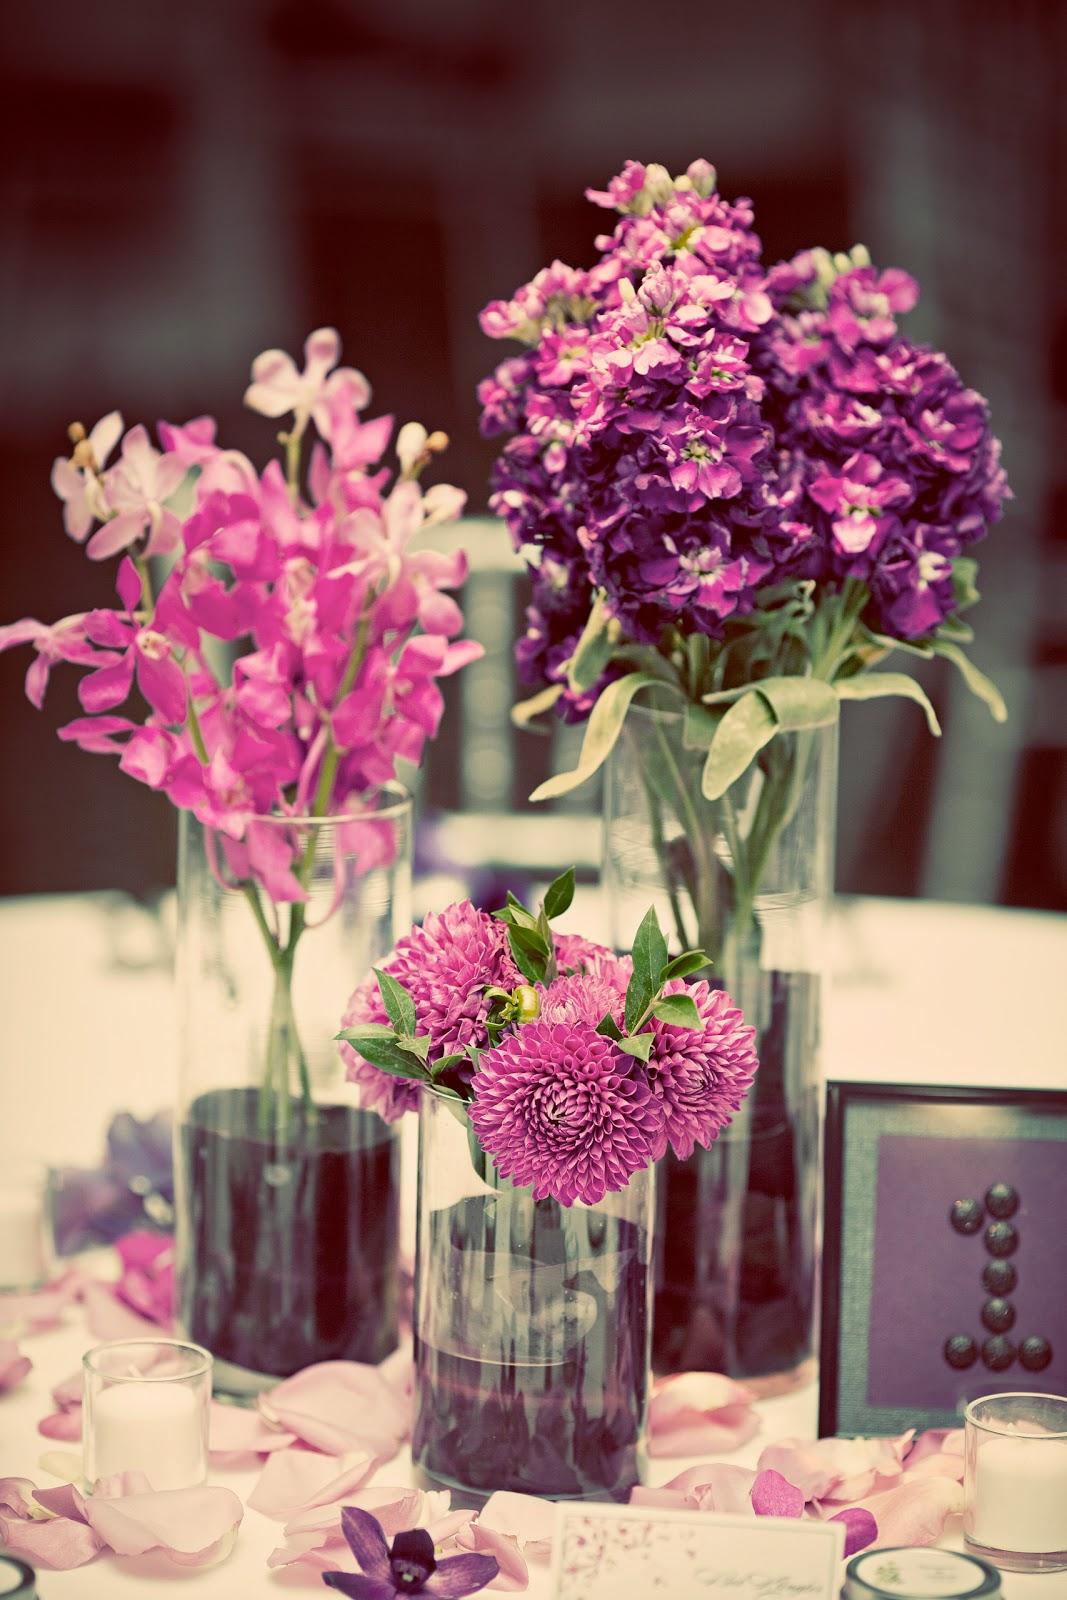 Mokara Floral Design: Aubergine and Plum Wedding